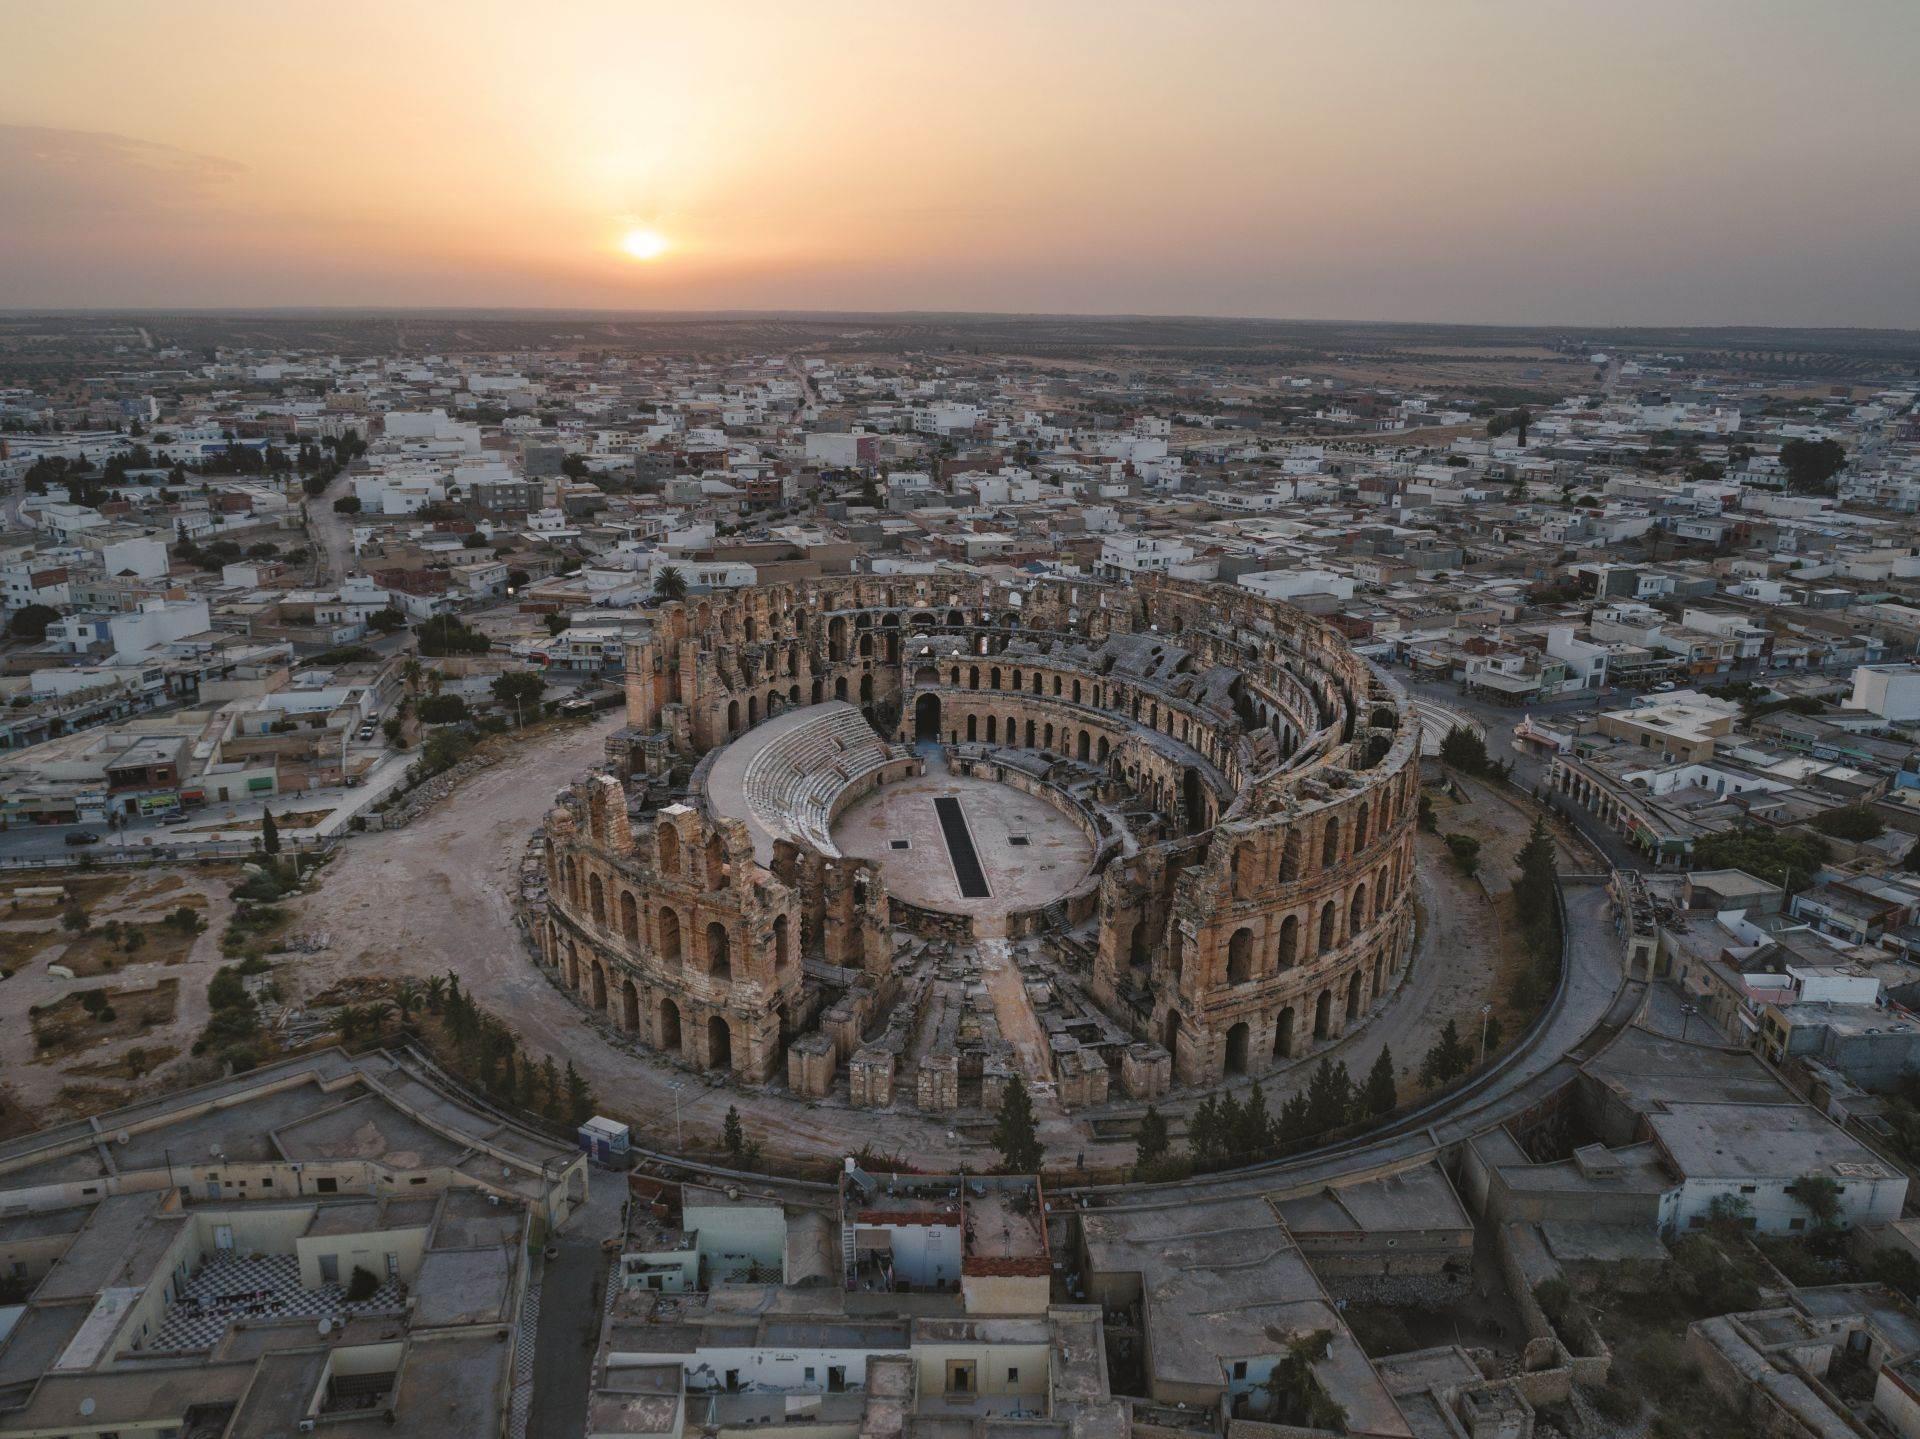 Sagrađen 238. godine nove ere, amfiteatar u El Džemu u Tunisu zasniva se na Koloseumu u Rimu i nekada je bio treće najveće mesto nadmetanja u Rimskom carstvu. Za 35.000 geldalaca koji su ispunjavali sedišta, gladijatori su bili najveća atrakcija.